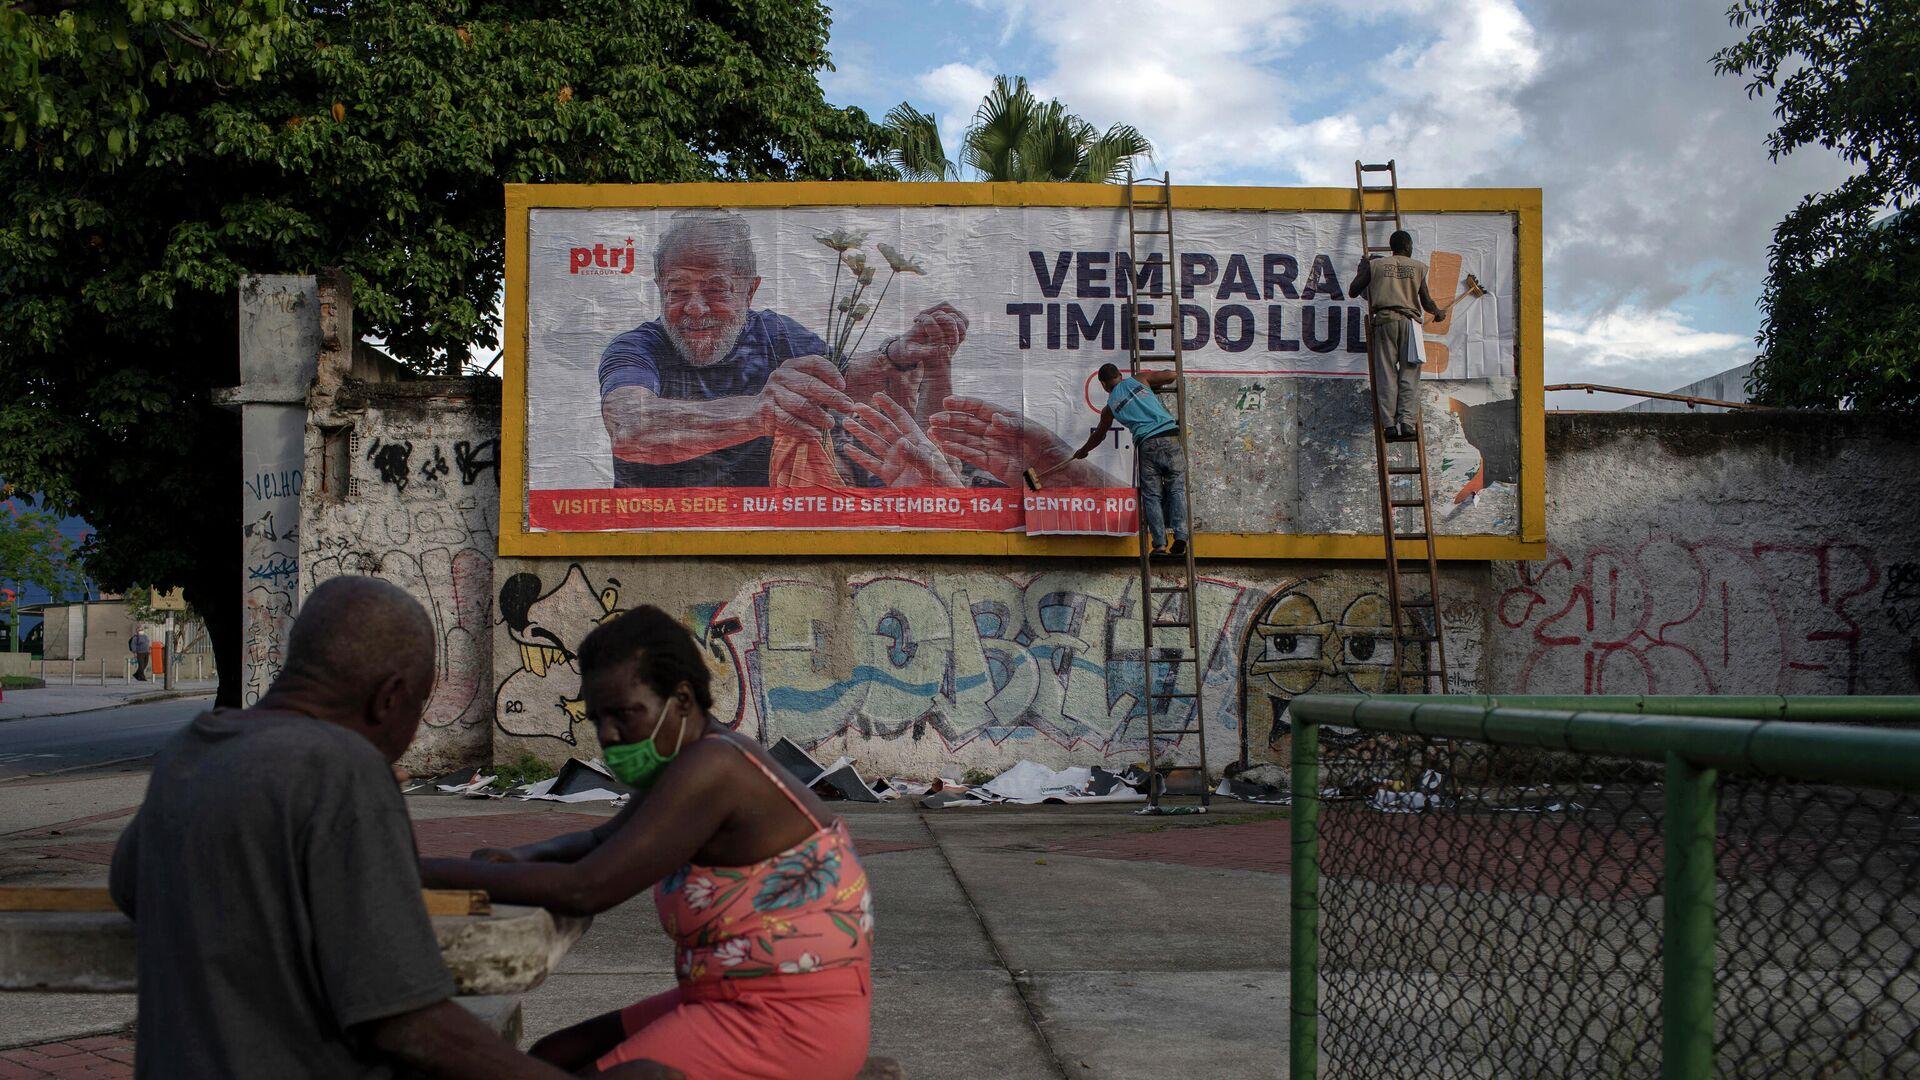 La gente habla cerca de una valla publicitaria en apoyo al expresidente brasileño Luiz Inácio Lula da Silva en el centro de Río de Janeiro. 29 de abril de 2021 - Sputnik Mundo, 1920, 02.07.2021